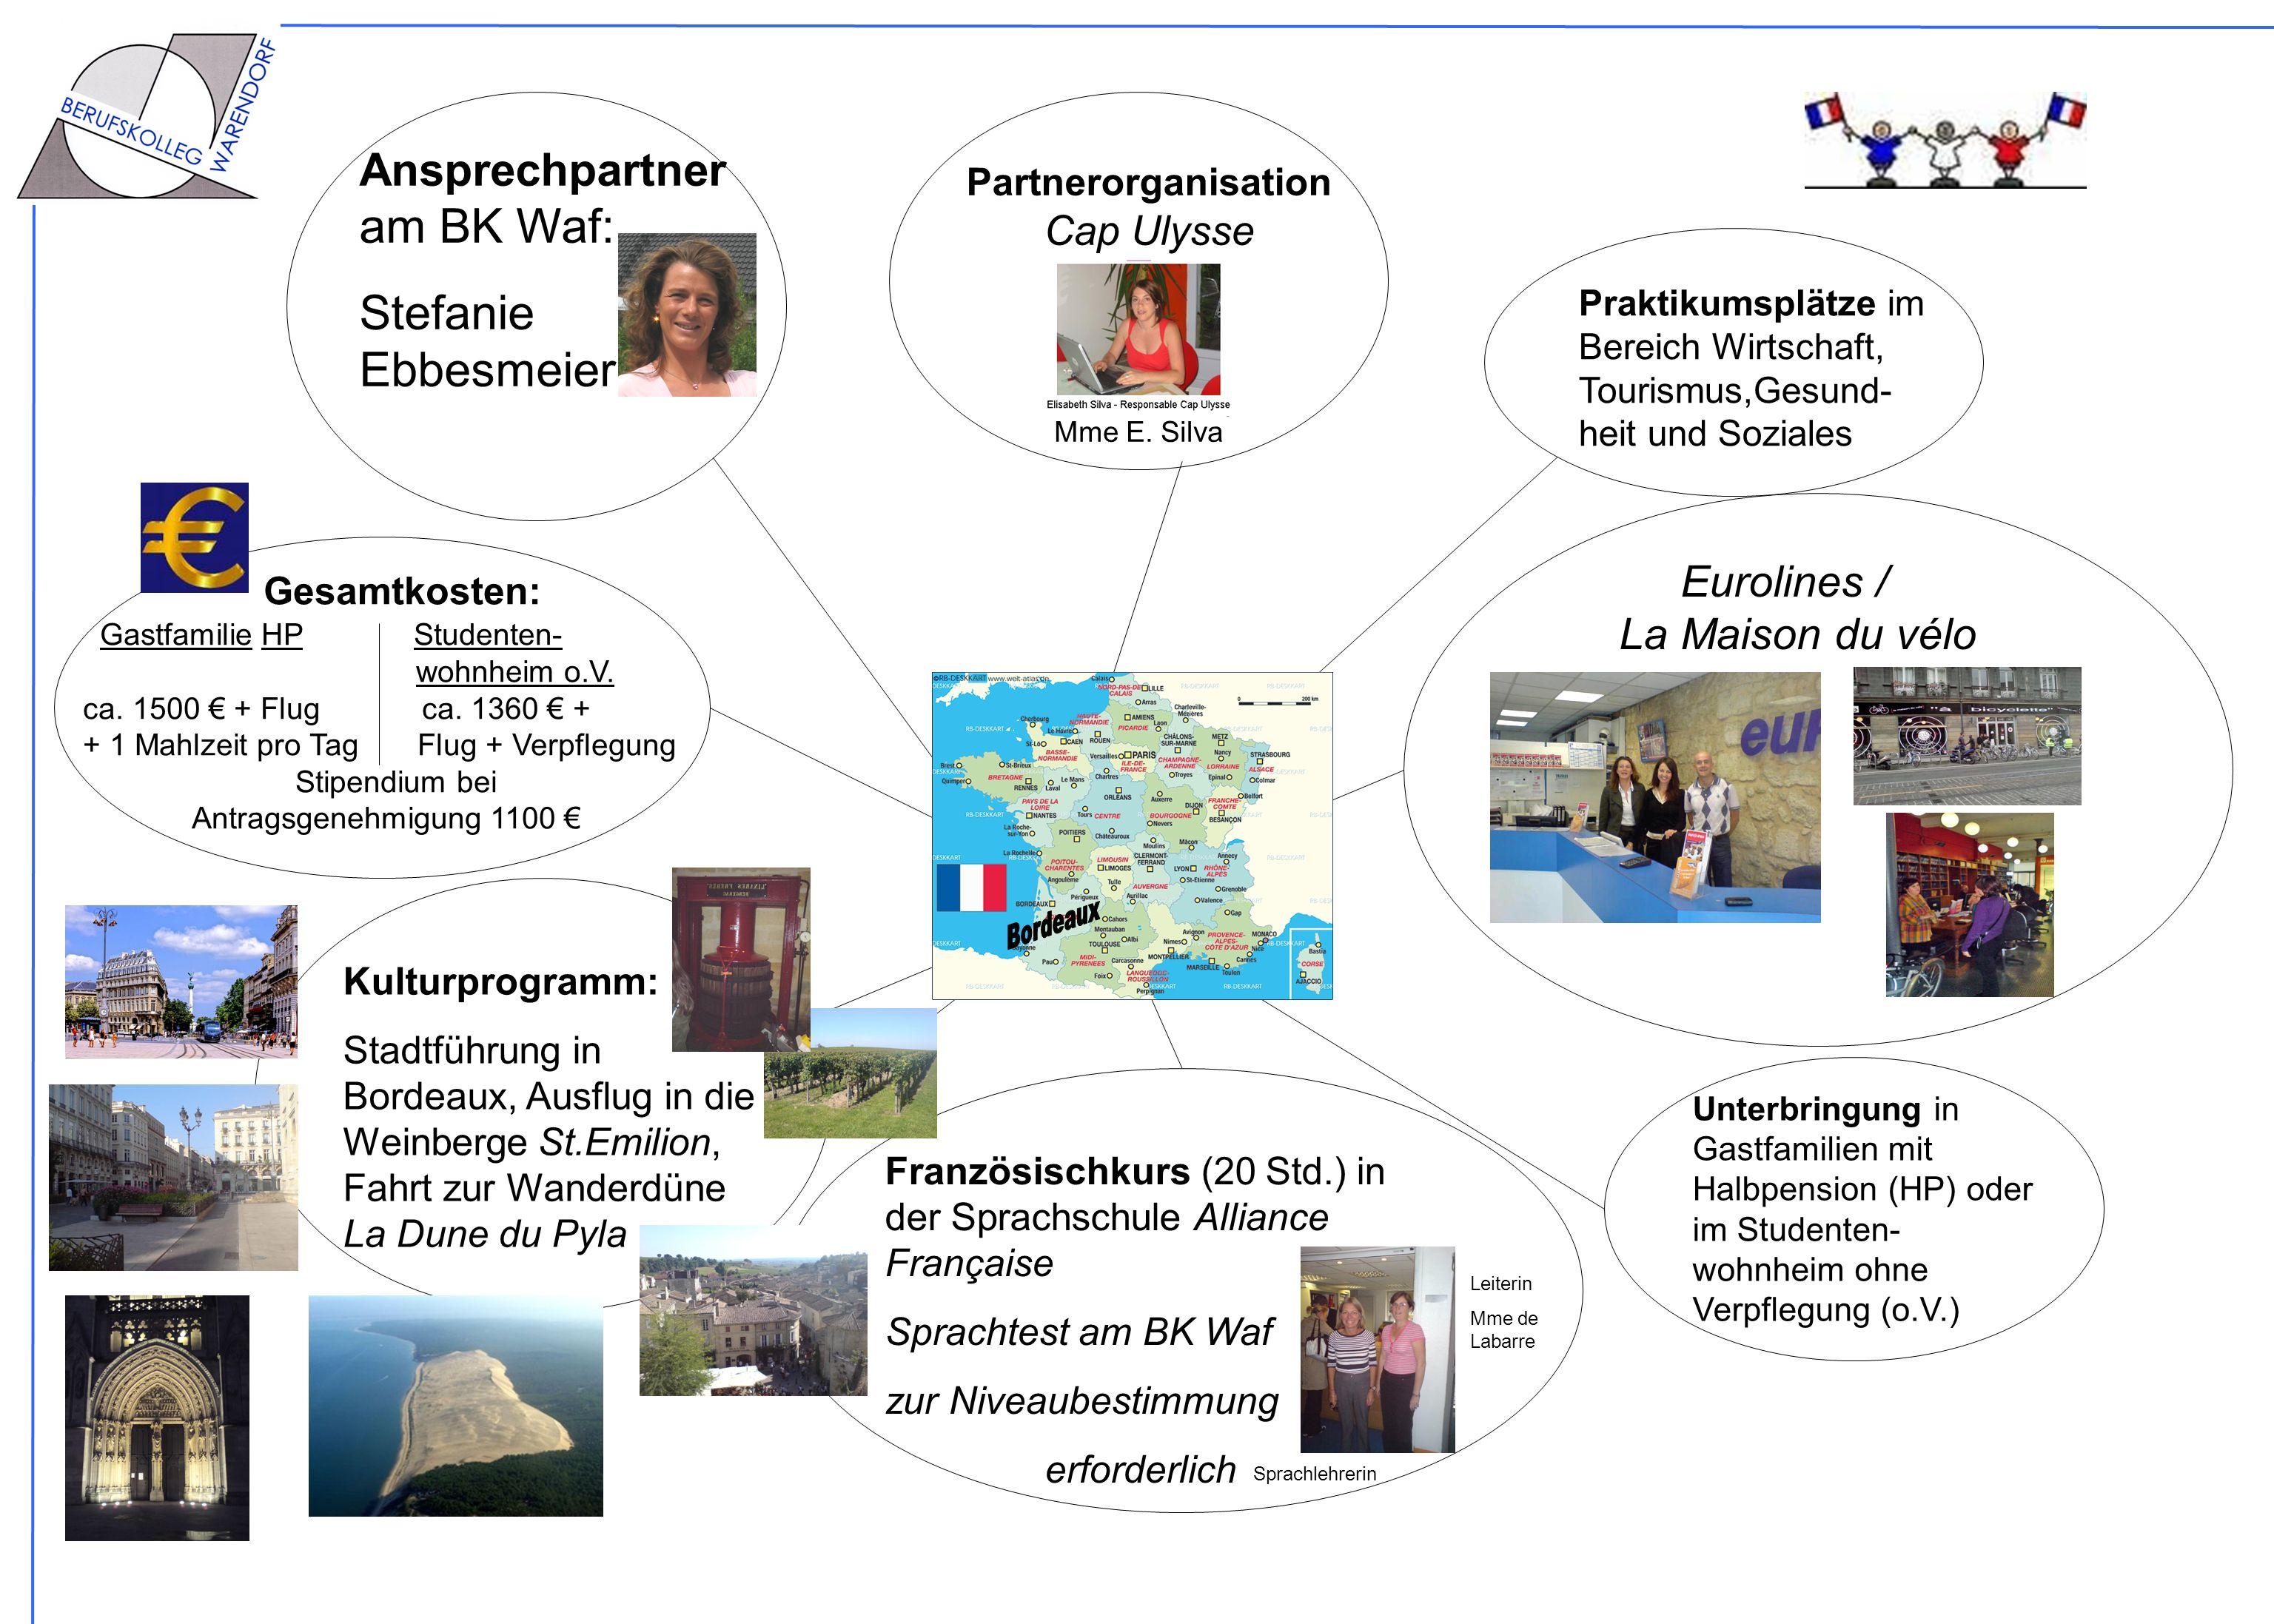 Mme E. Silva Partnerorganisation Cap Ulysse Praktikumsplätze im Bereich Wirtschaft, Tourismus,Gesund- heit und Soziales Eurolines / La Maison du vélo